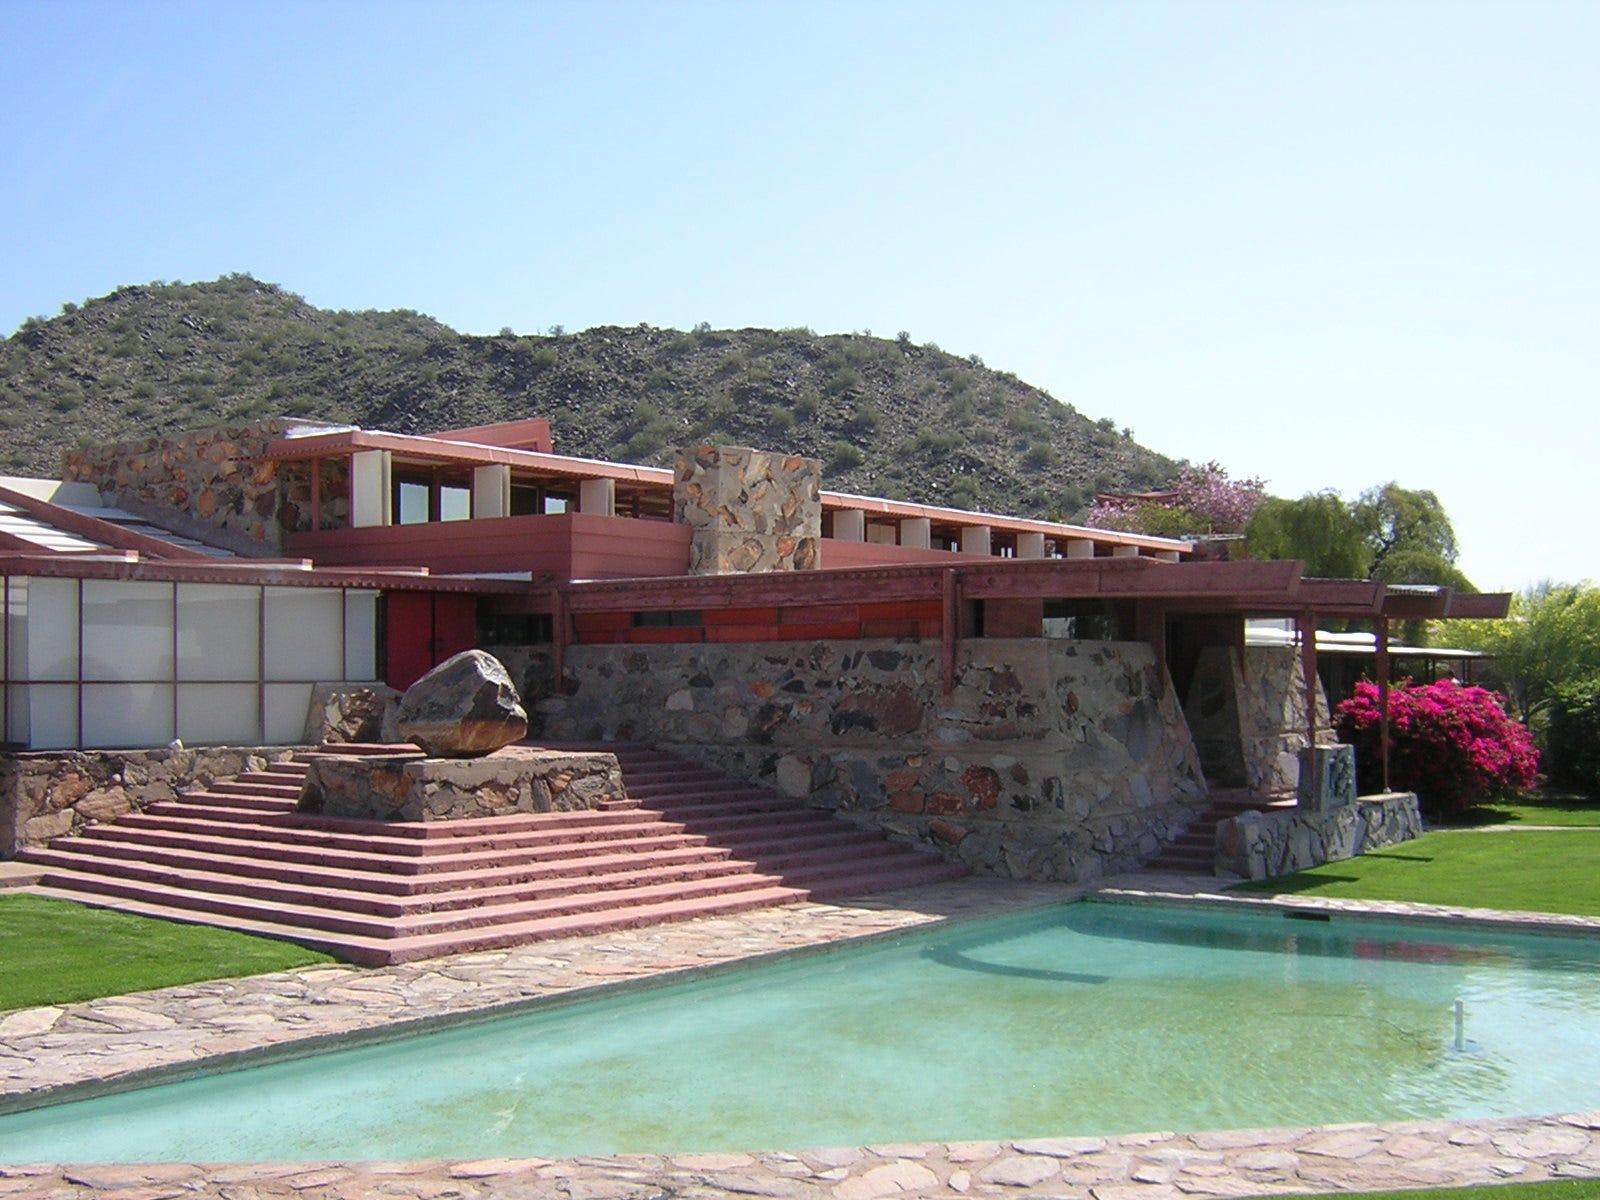 25 Must See Buildings In Arizona